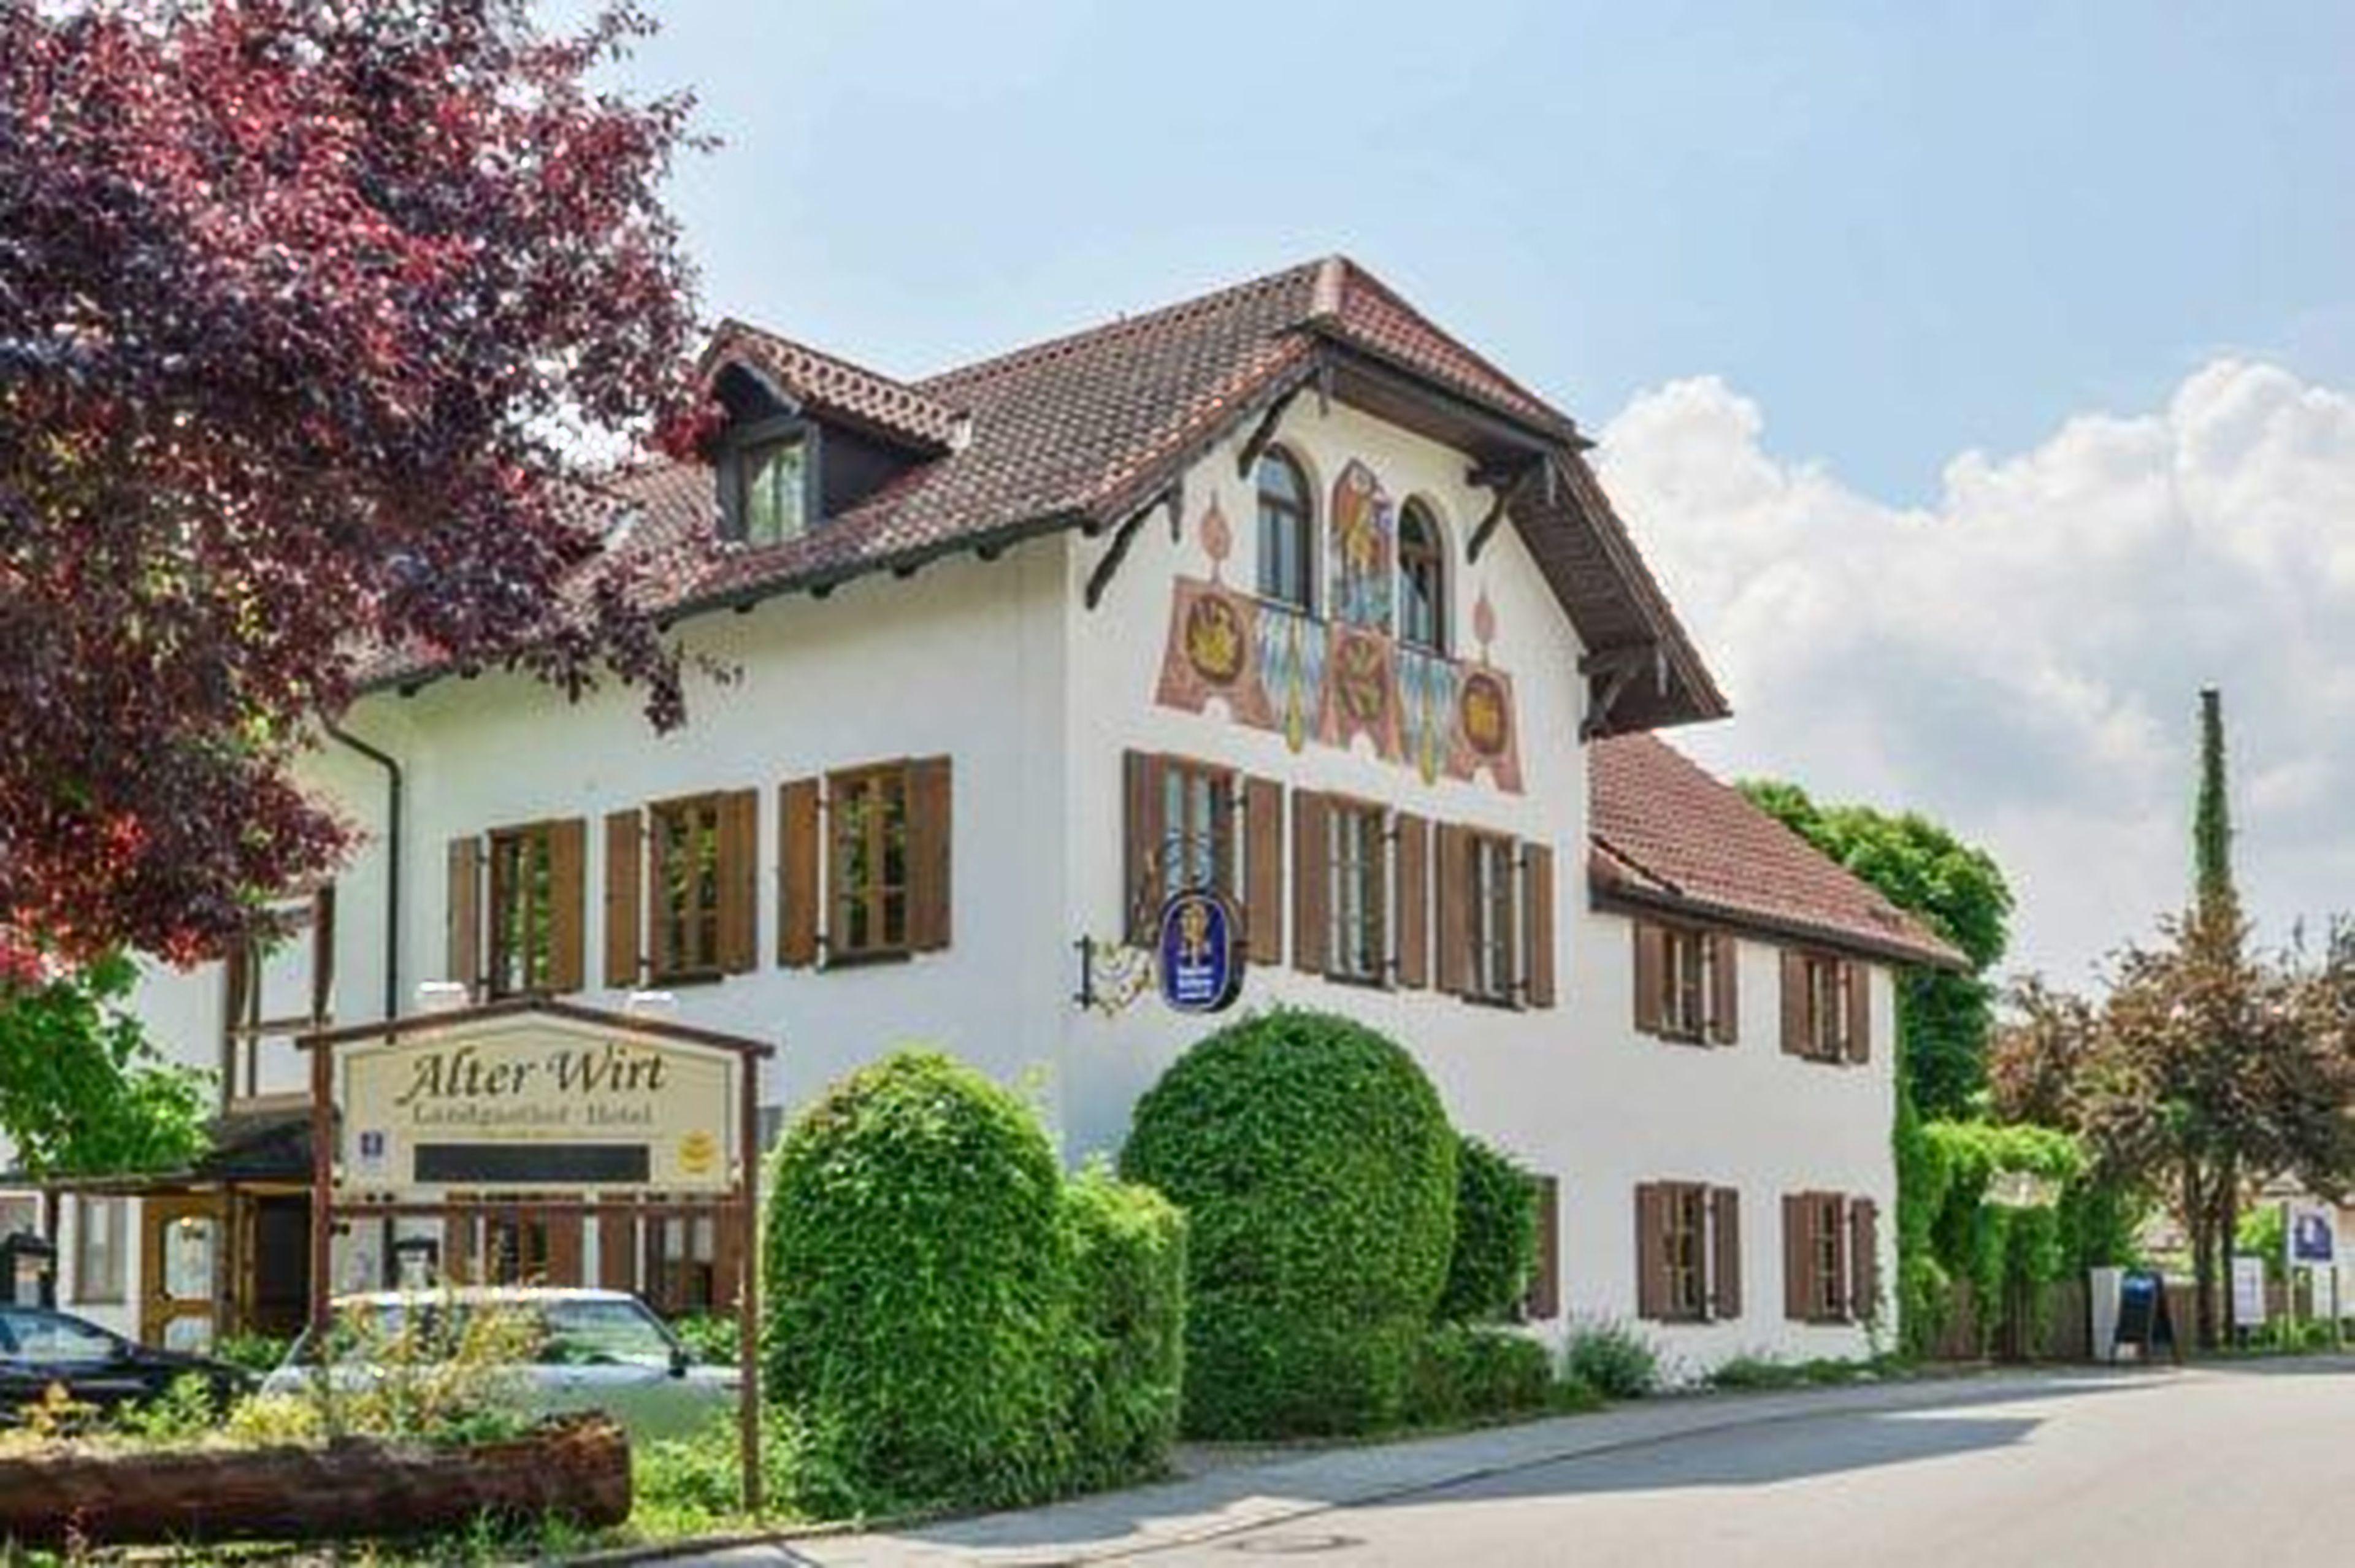 Landgasthof And Hotel Alter Wirt